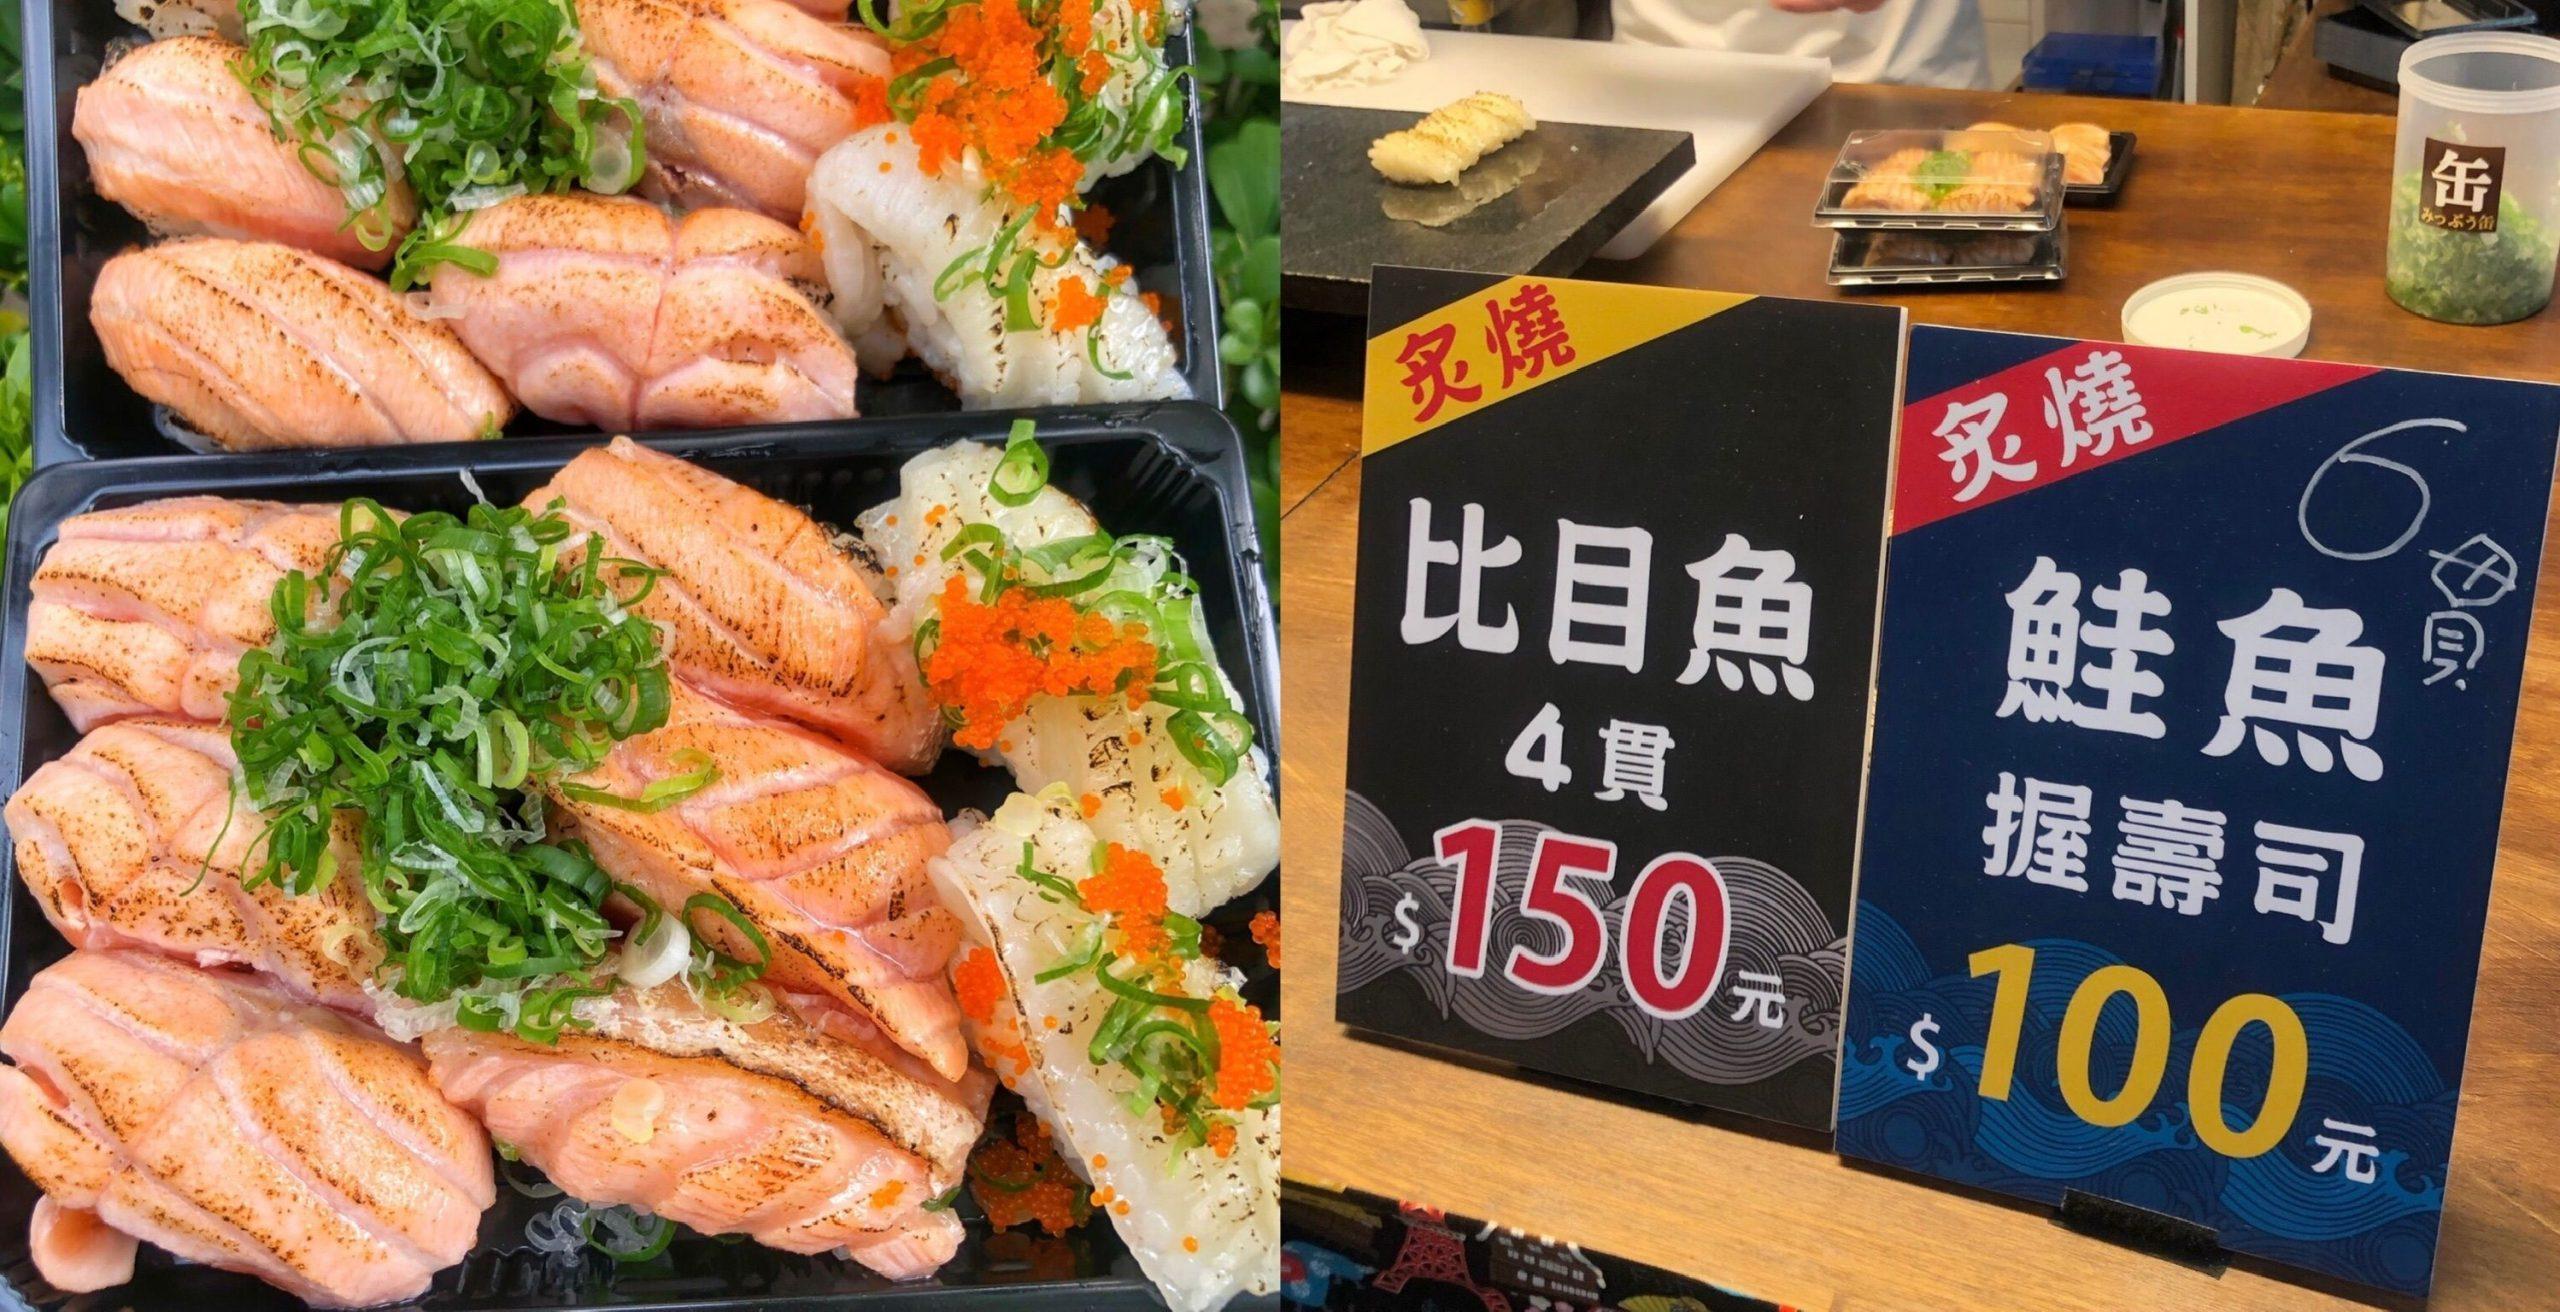 【台南美食】台南又一間超俗的炙燒鮭魚握壽司!! 6貫只要100元 便宜又好吃│友愛市場立吞壽司